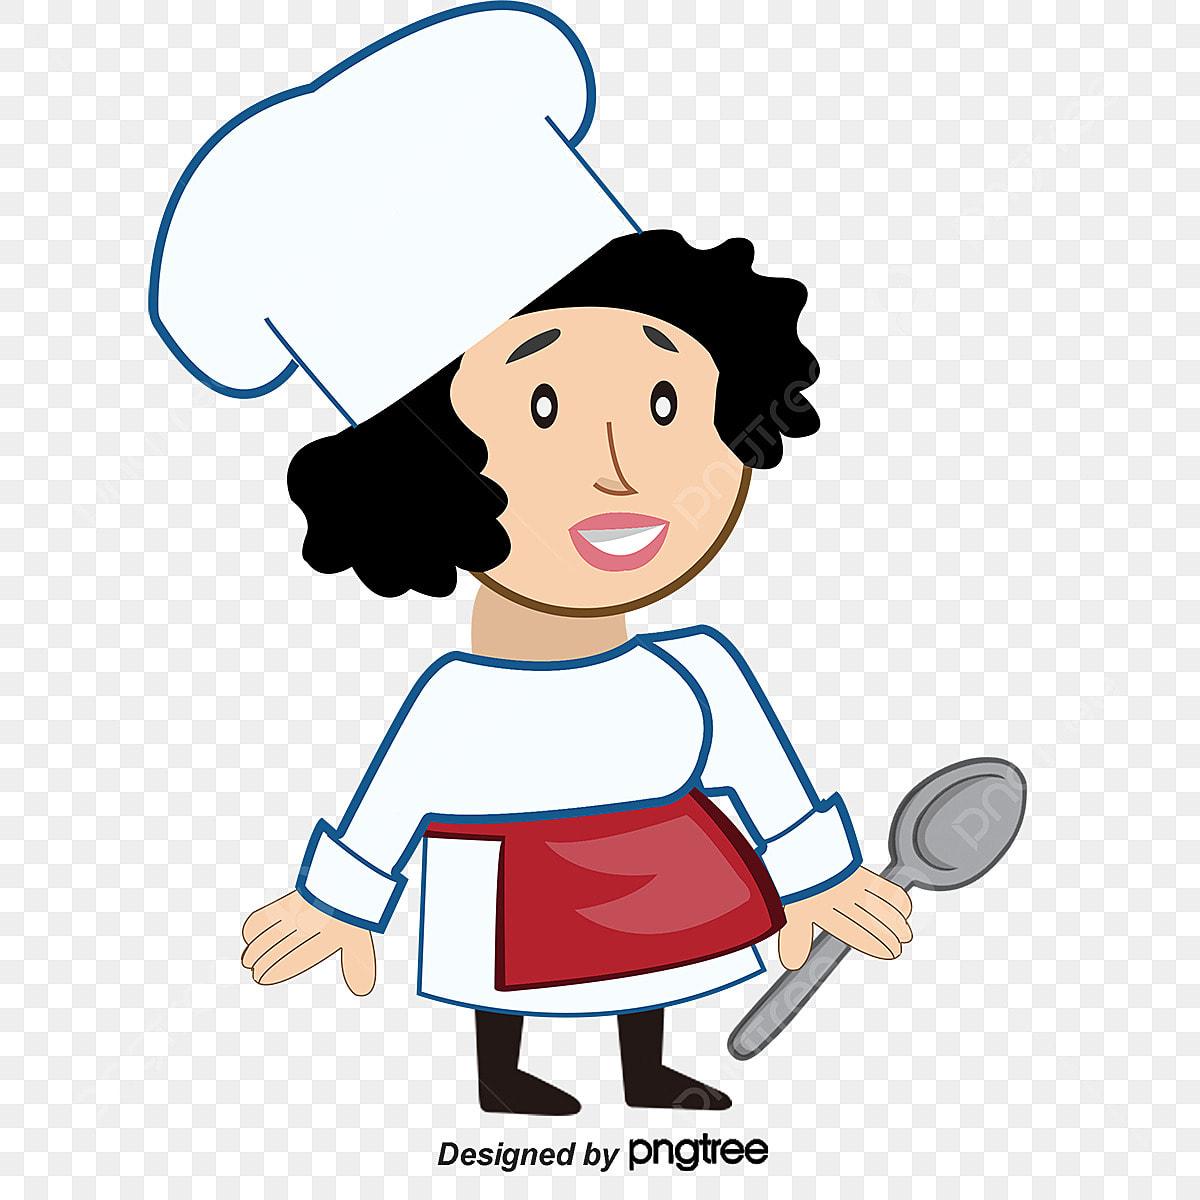 Desenho Pintado A Mao Com Uma Colher Pequena Cozinheira Figura